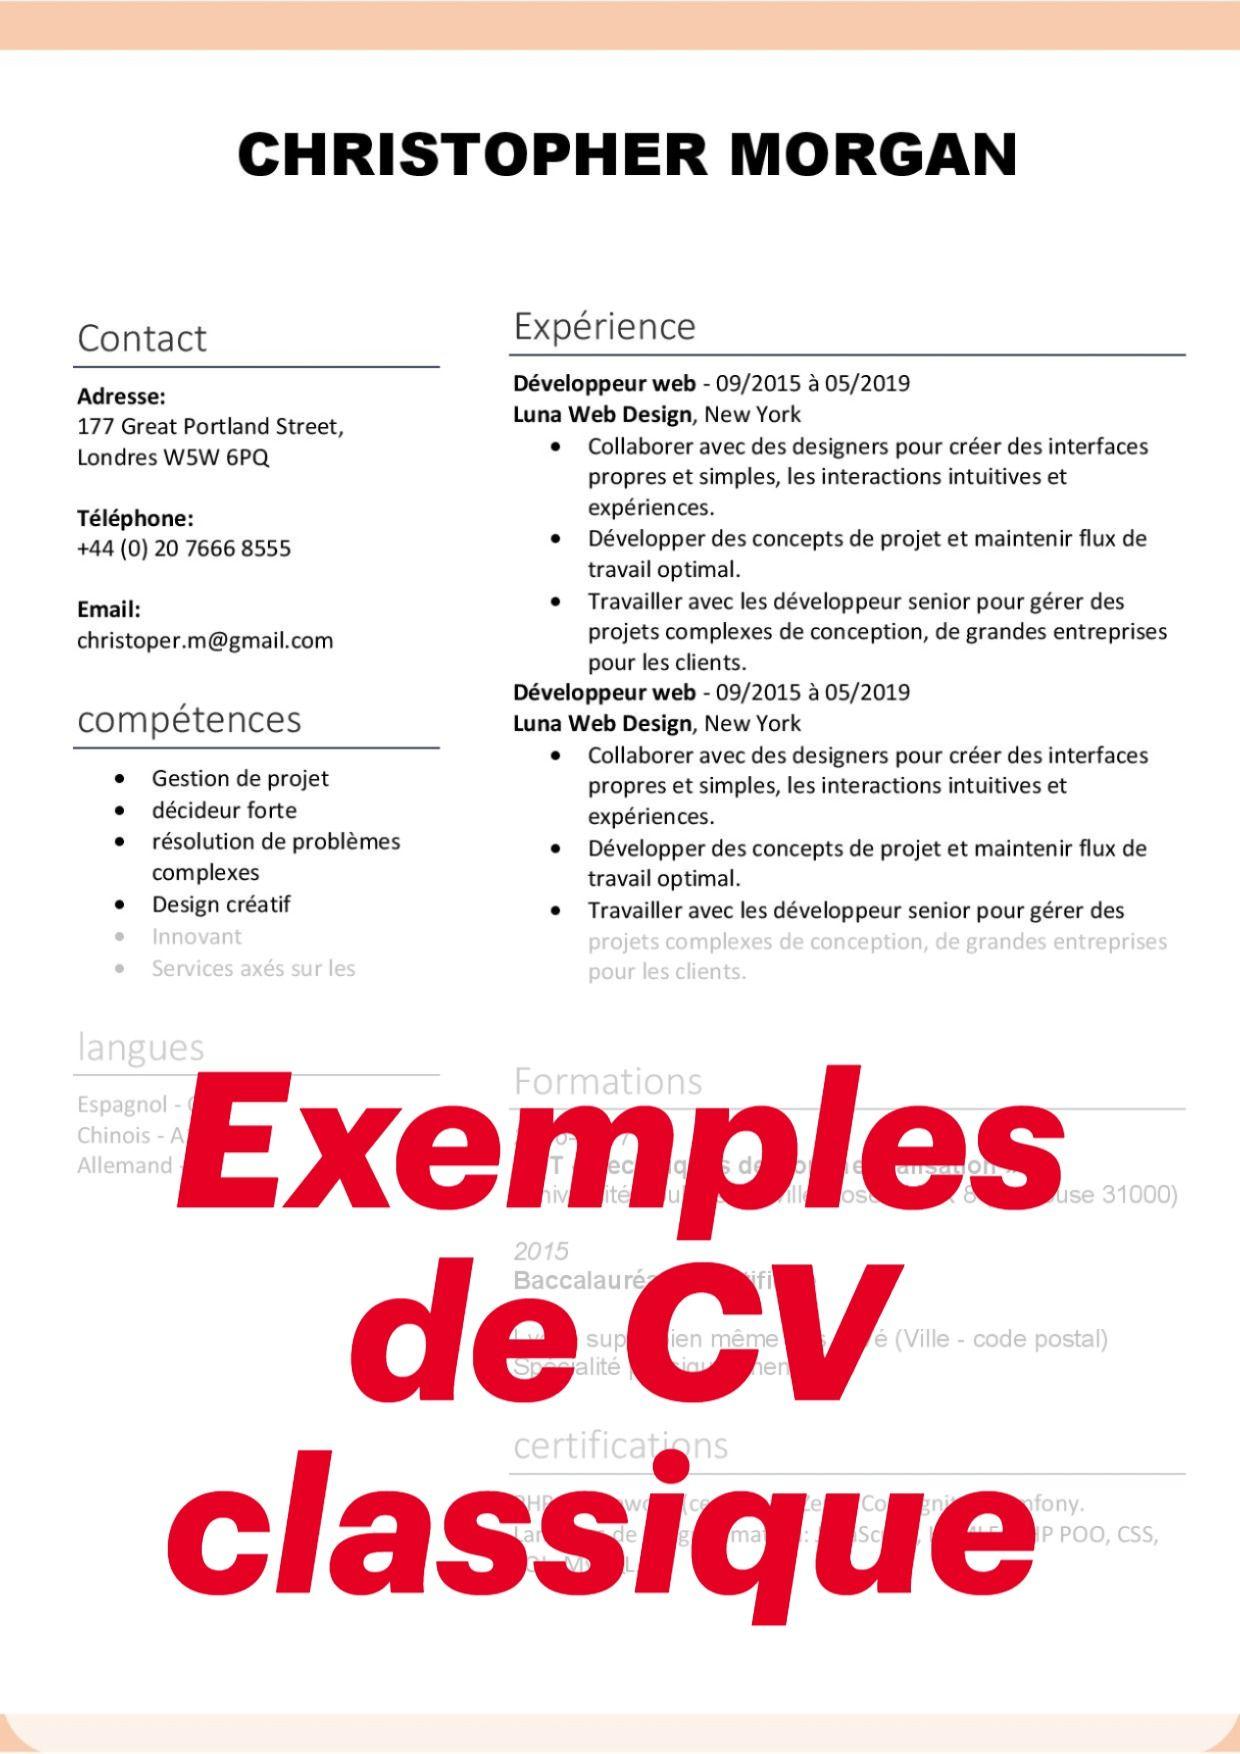 Exemples De Cv Classique Modele Cv Exemple Cv Cv Classique